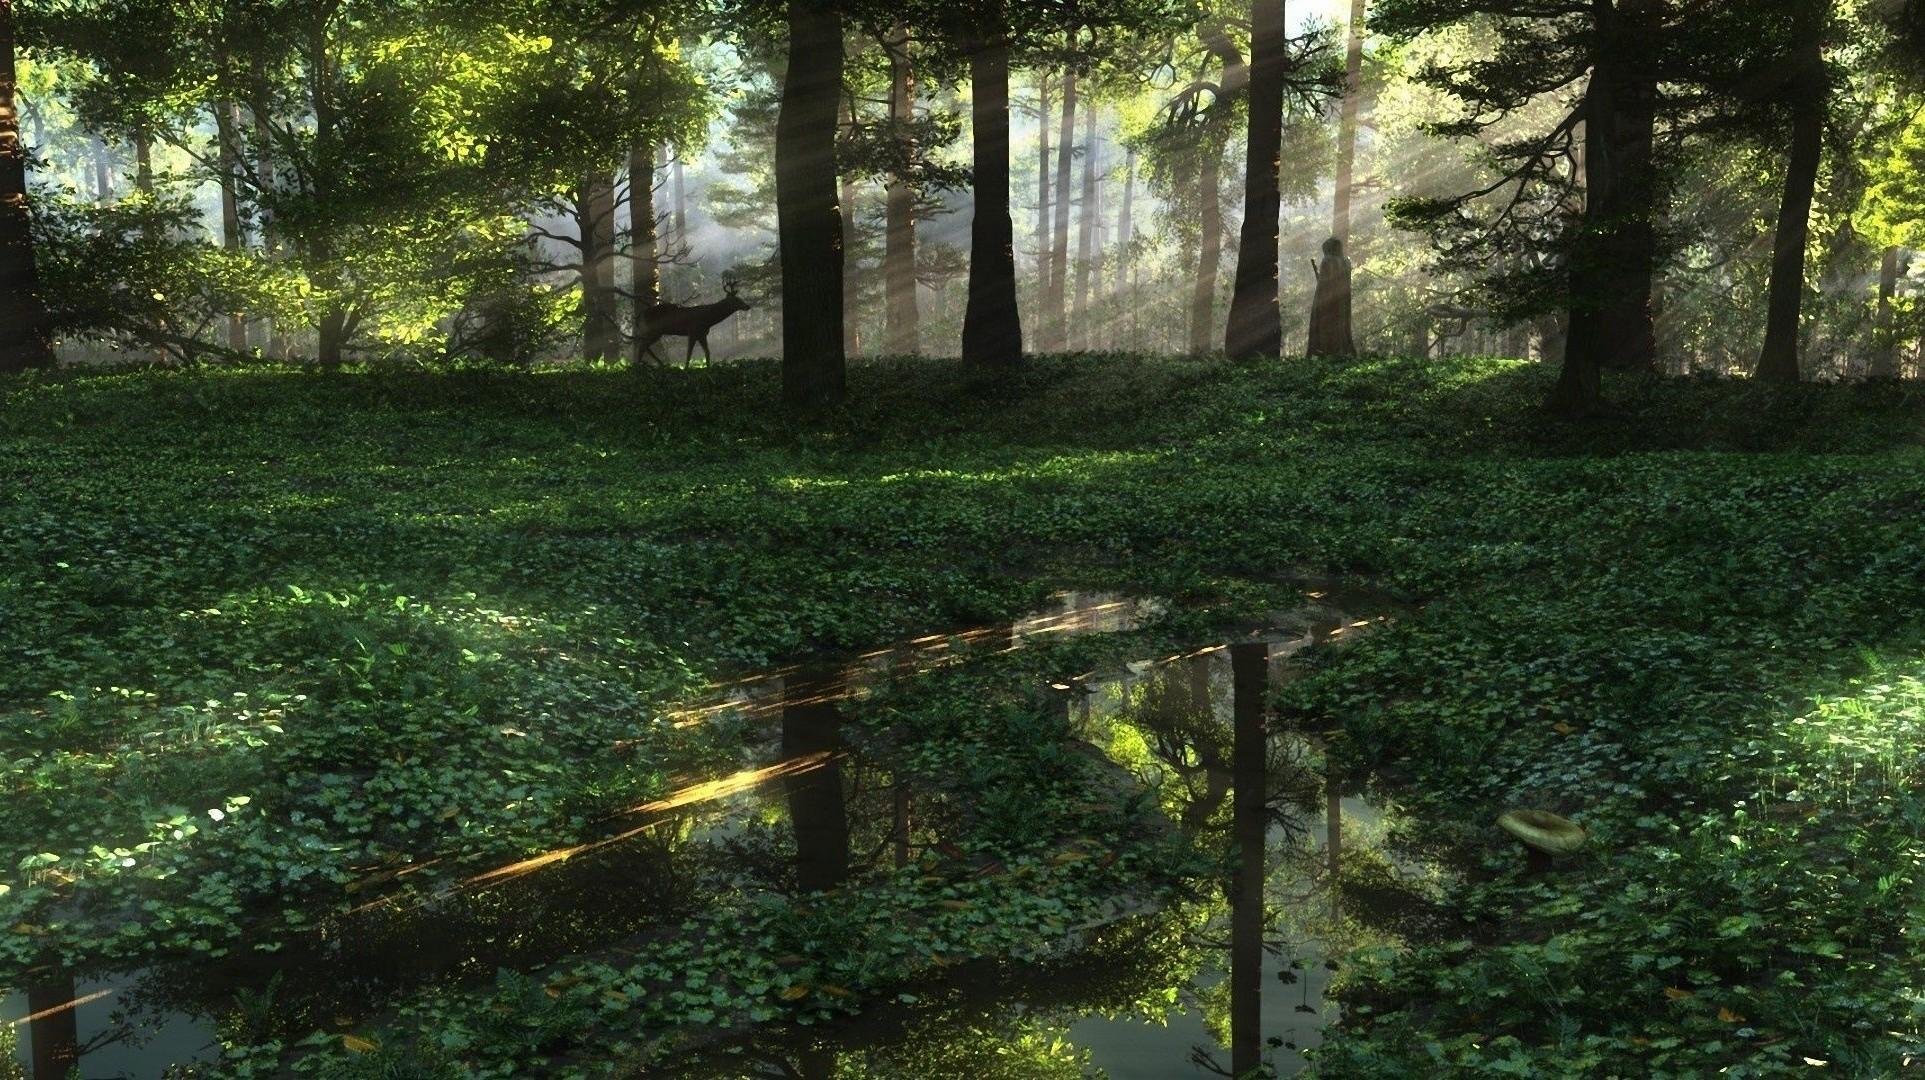 Арт лужи лес косуля солнечные лучи